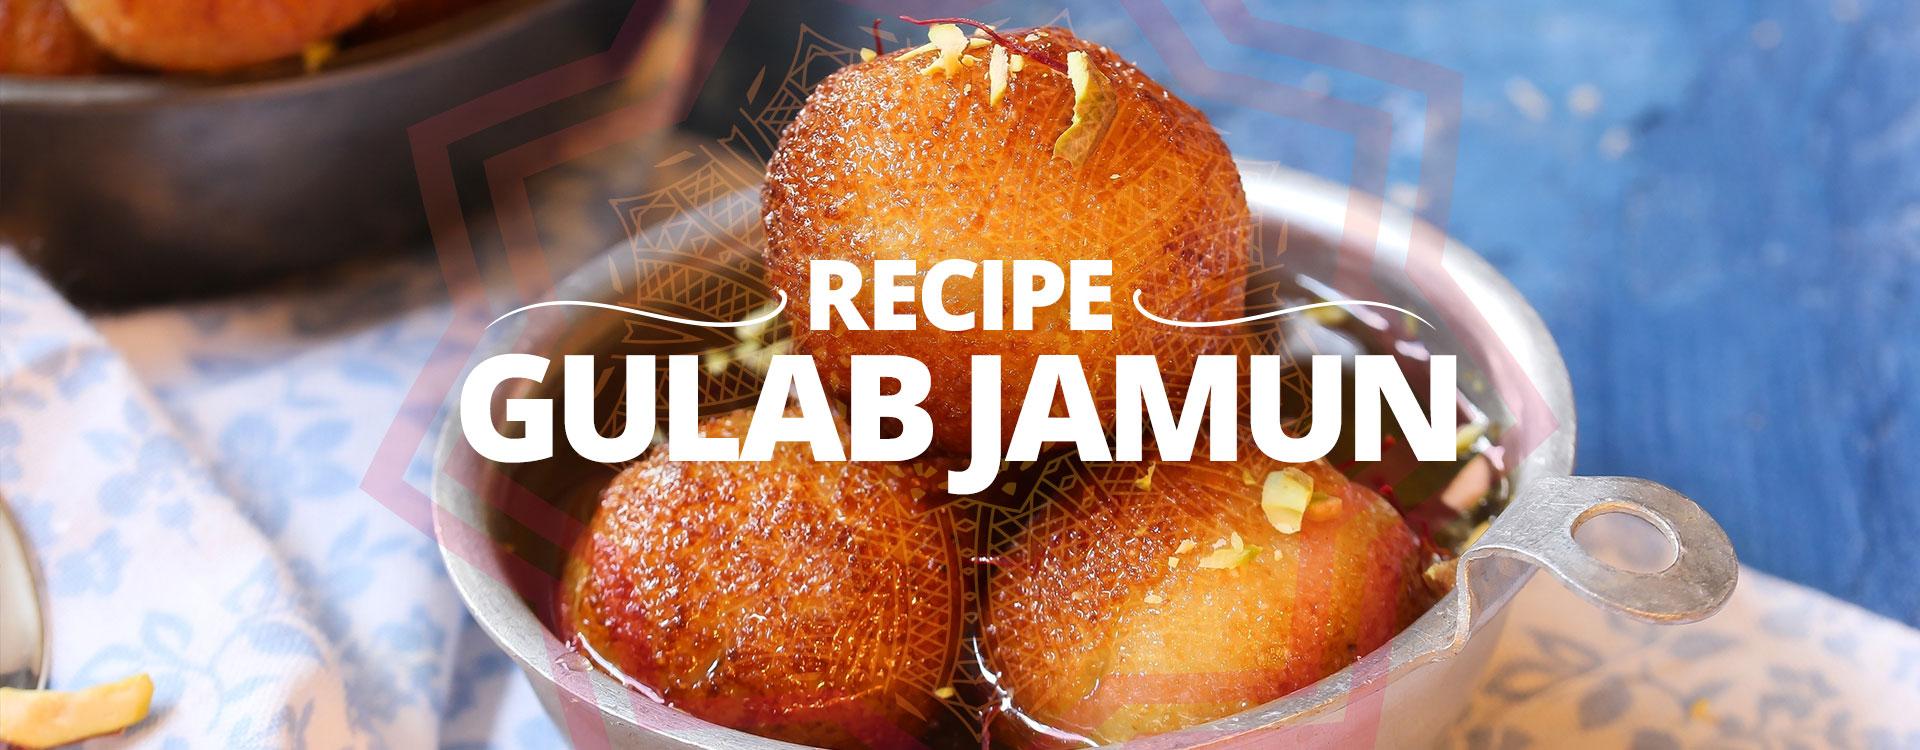 Banner Recipe Gulab Jamun